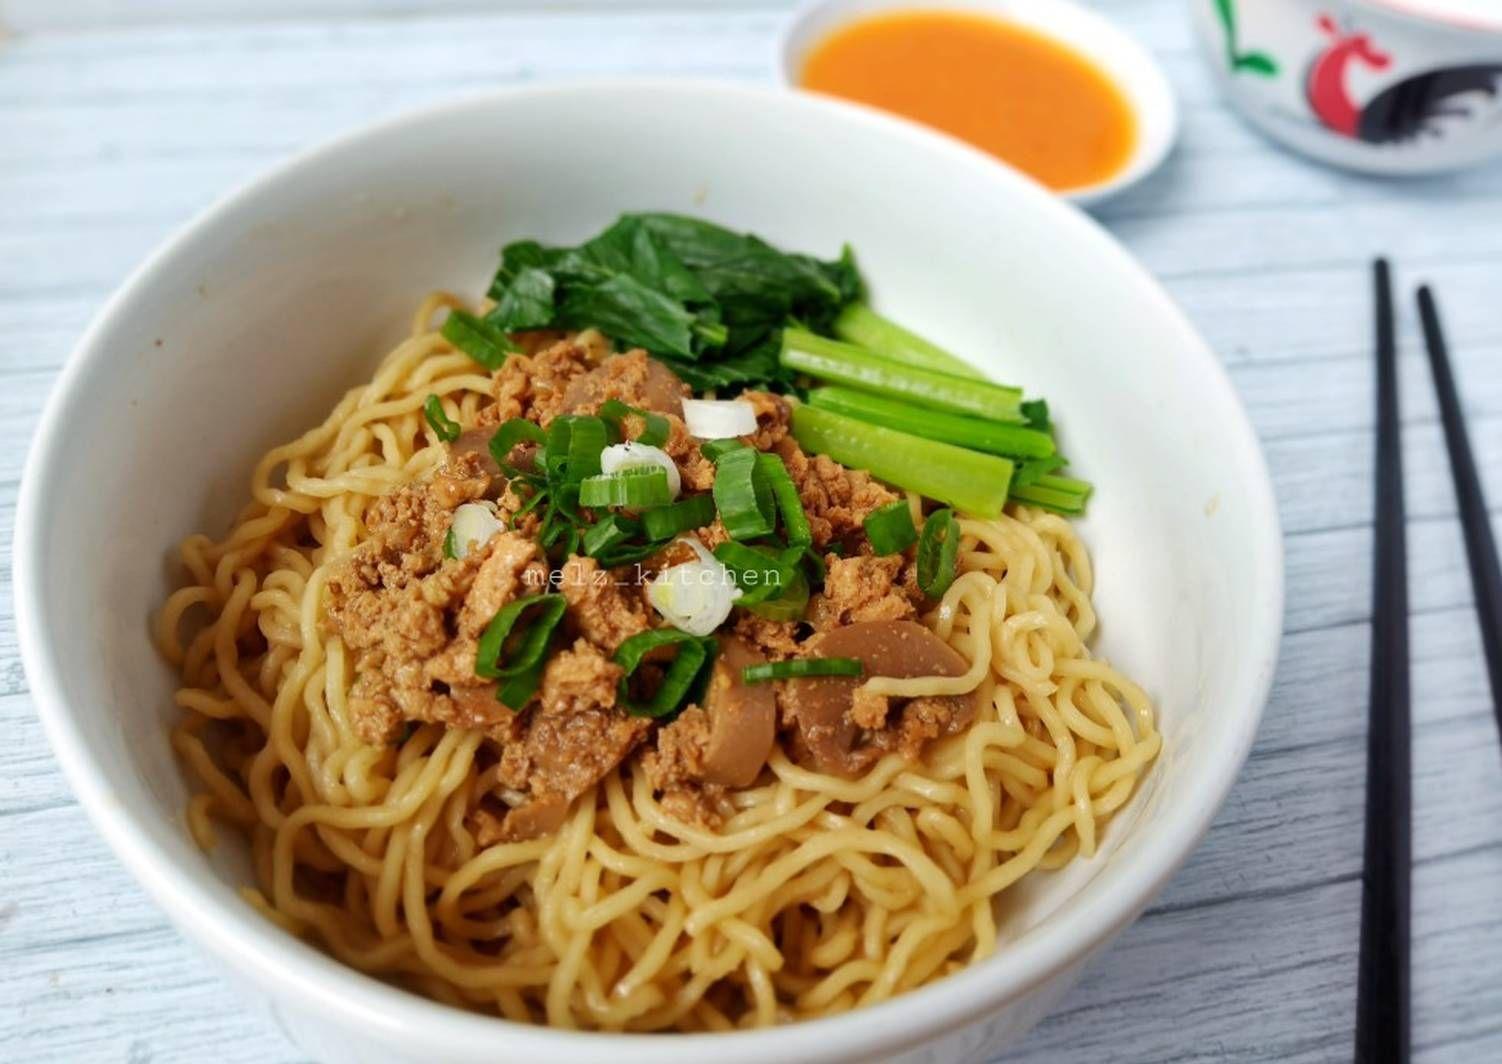 Resep Bakmi Ayam Jamur Oleh Melz Kitchen Resep Resep Masakan Masakan Korea Ide Makanan